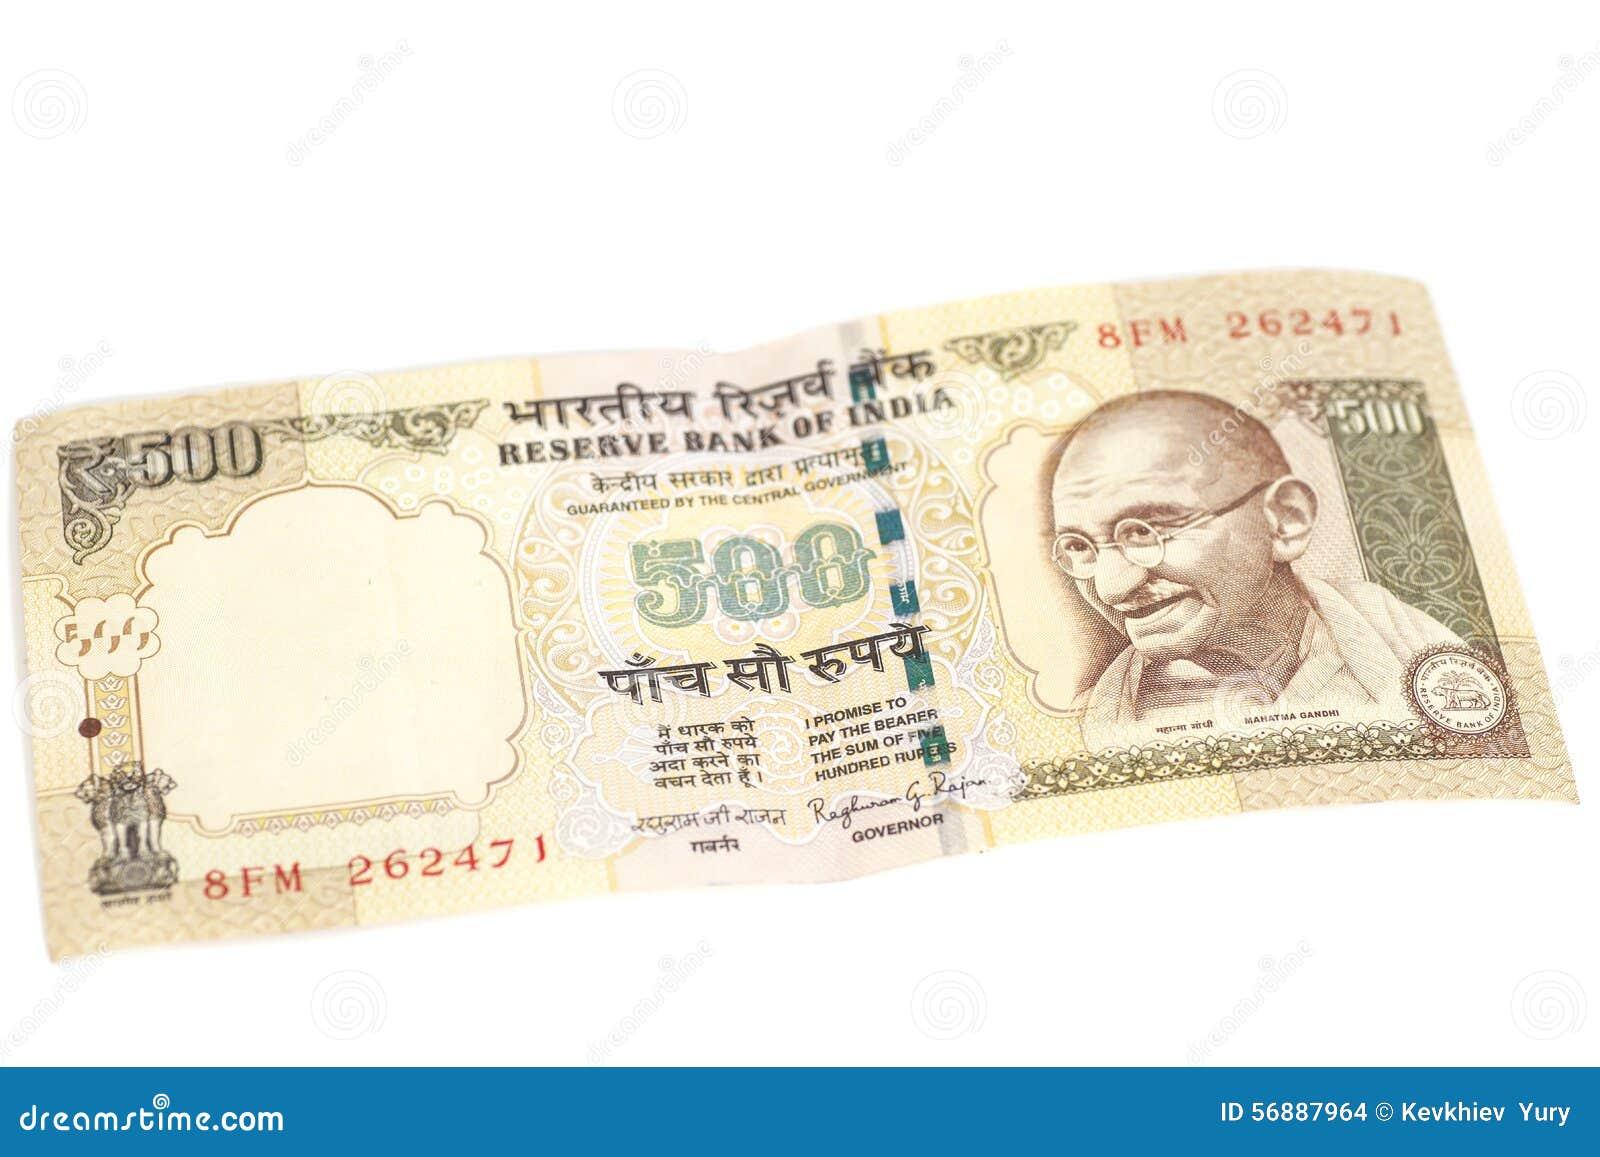 Σημείωση πεντακόσιων ρουπίων (ινδικό νόμισμα)